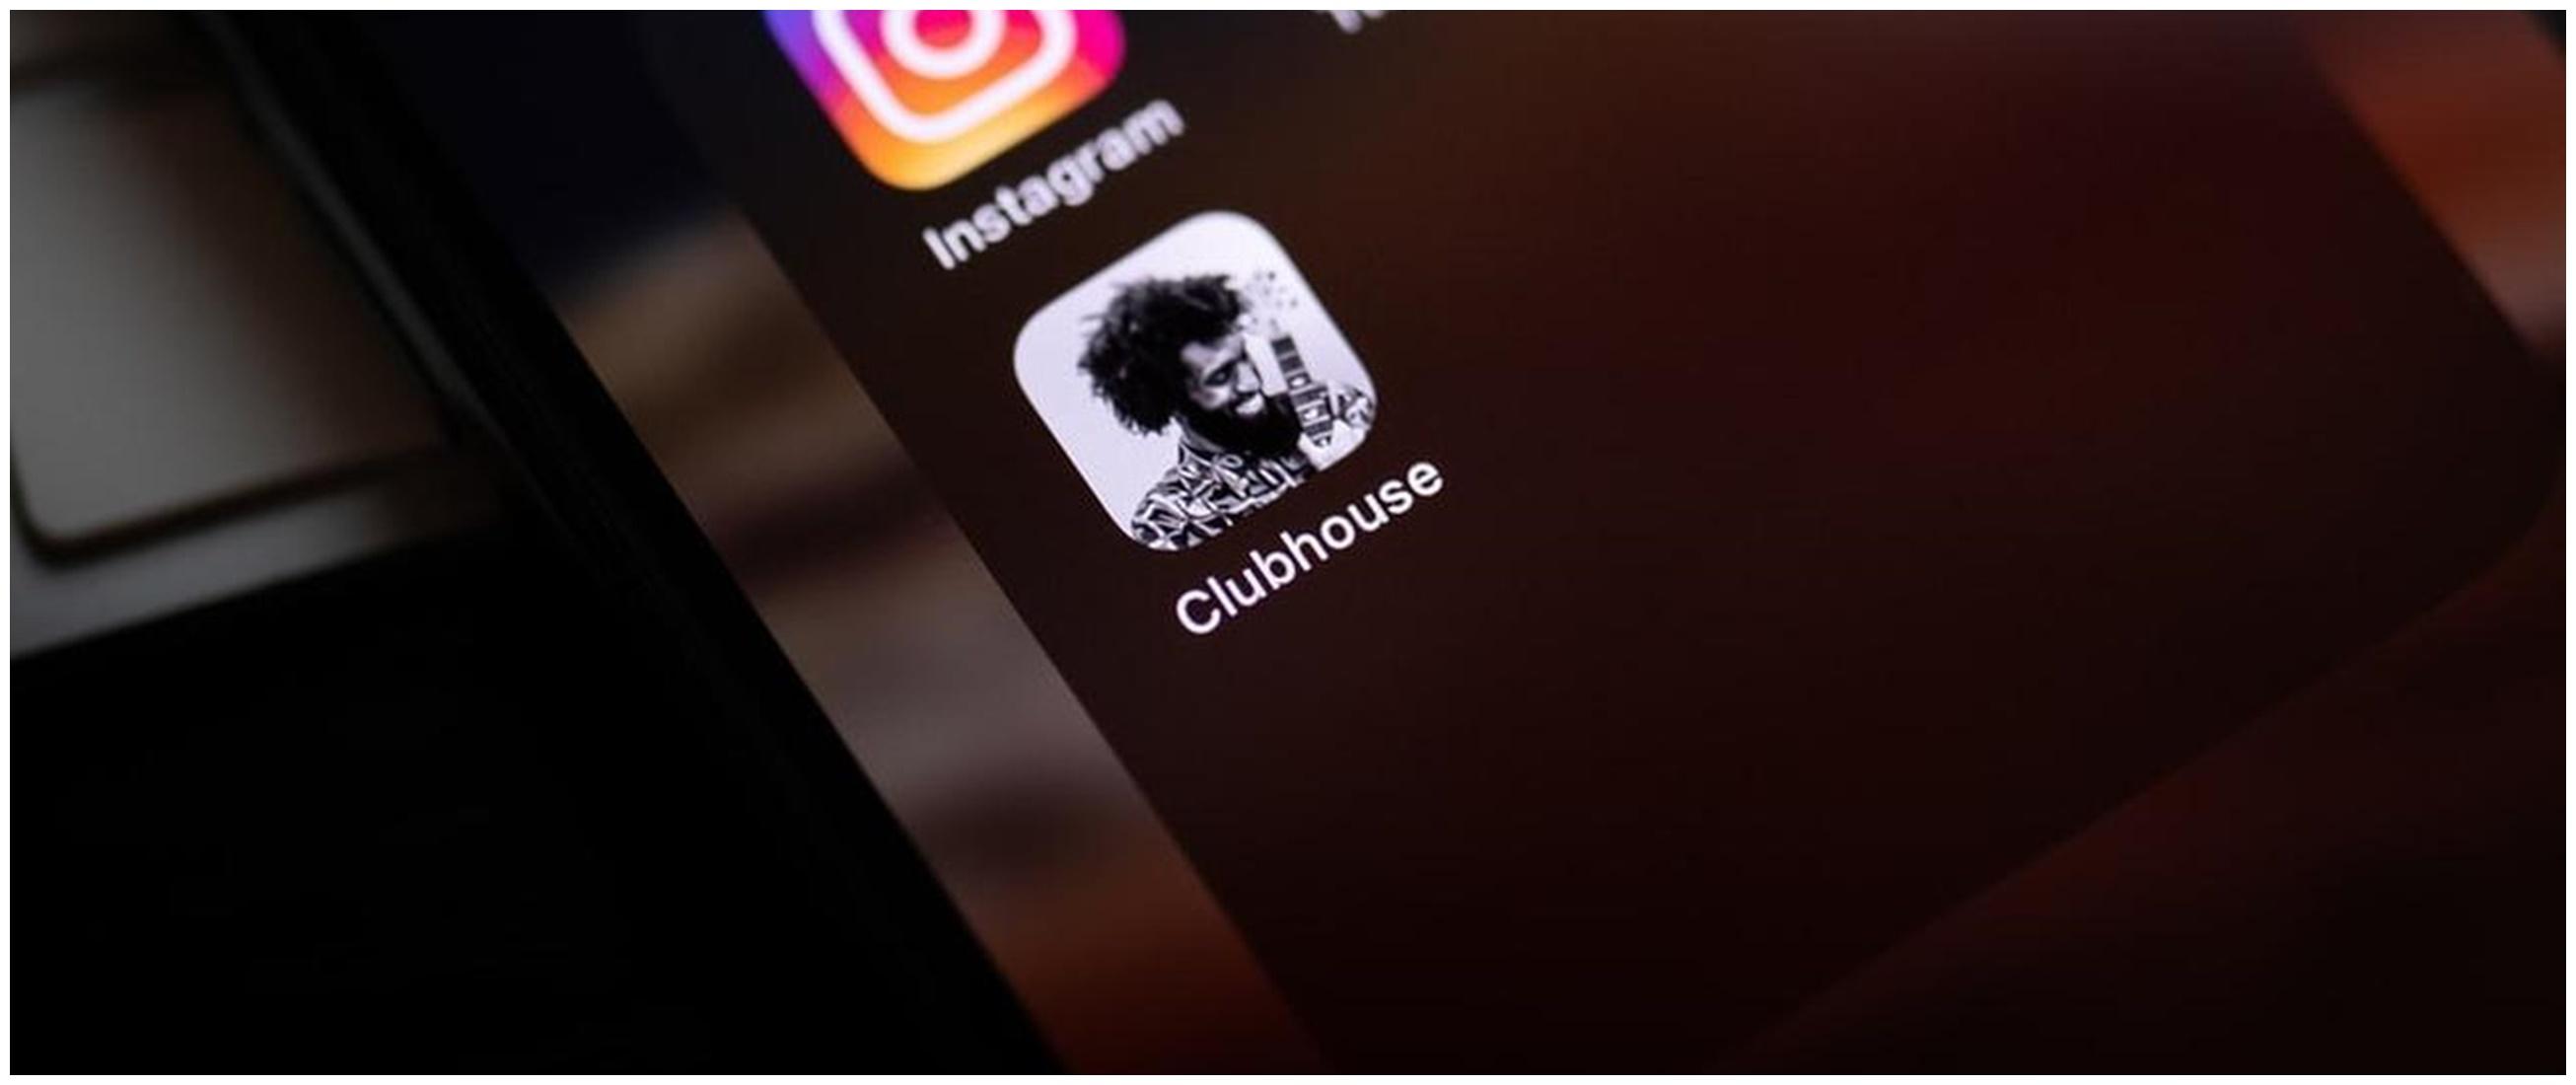 Clubhouse, aplikasi jejaring sosial viral dengan 2 juta pengguna